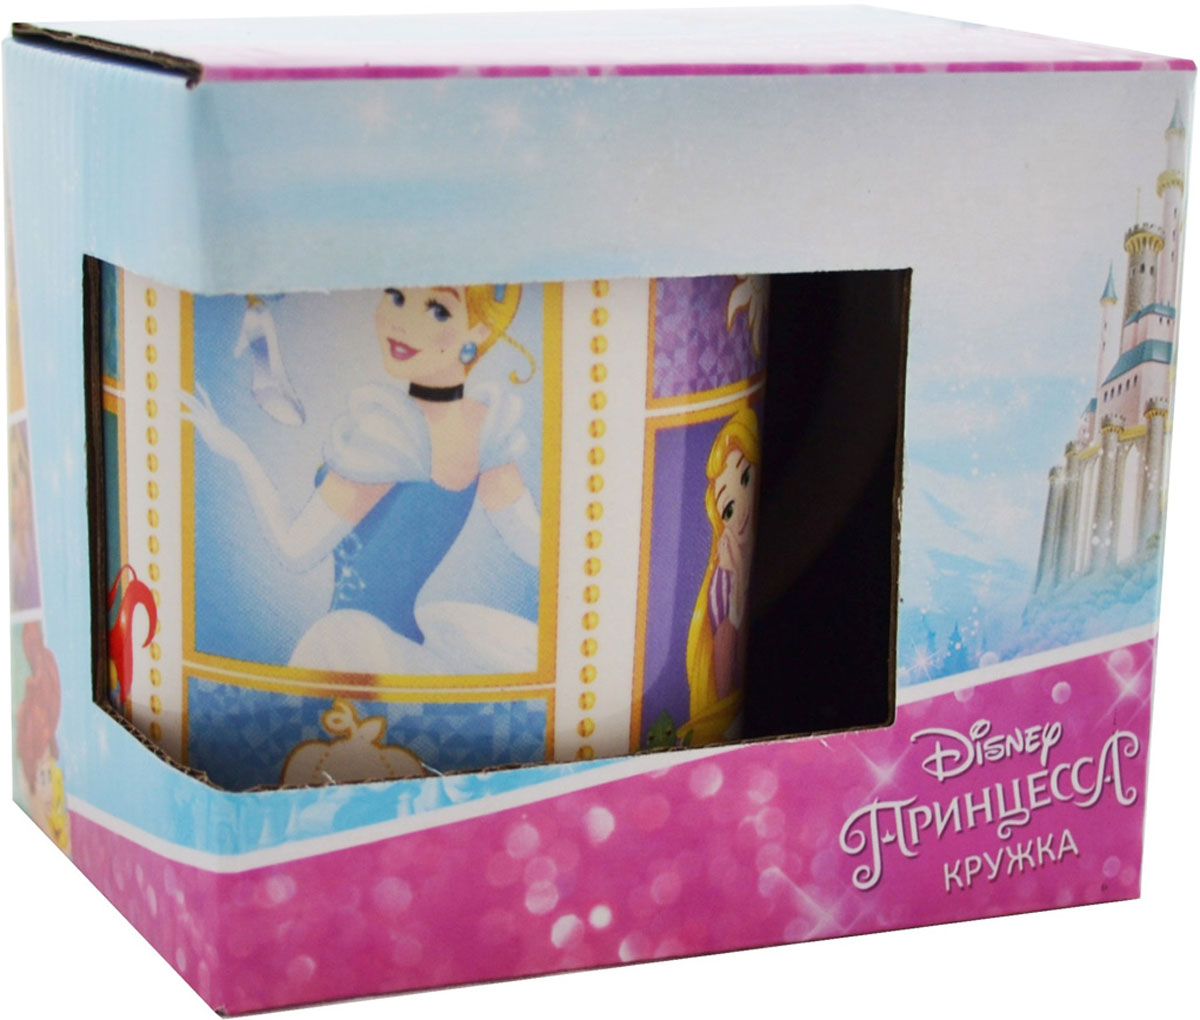 """Детская кружка Disney """"Принцесса Будь собой!"""" станет отличным подарком для вашего ребенка. Она выполнена из керамики и оформлена изображением из диснеевских мультфильмов. Кружка дополнена удобной ручкой. Такой подарок станет не только приятным, но и практичным сувениром: кружка будет незаменимым атрибутом чаепития, а оригинальное оформление кружки добавит ярких эмоций и хорошего настроения."""